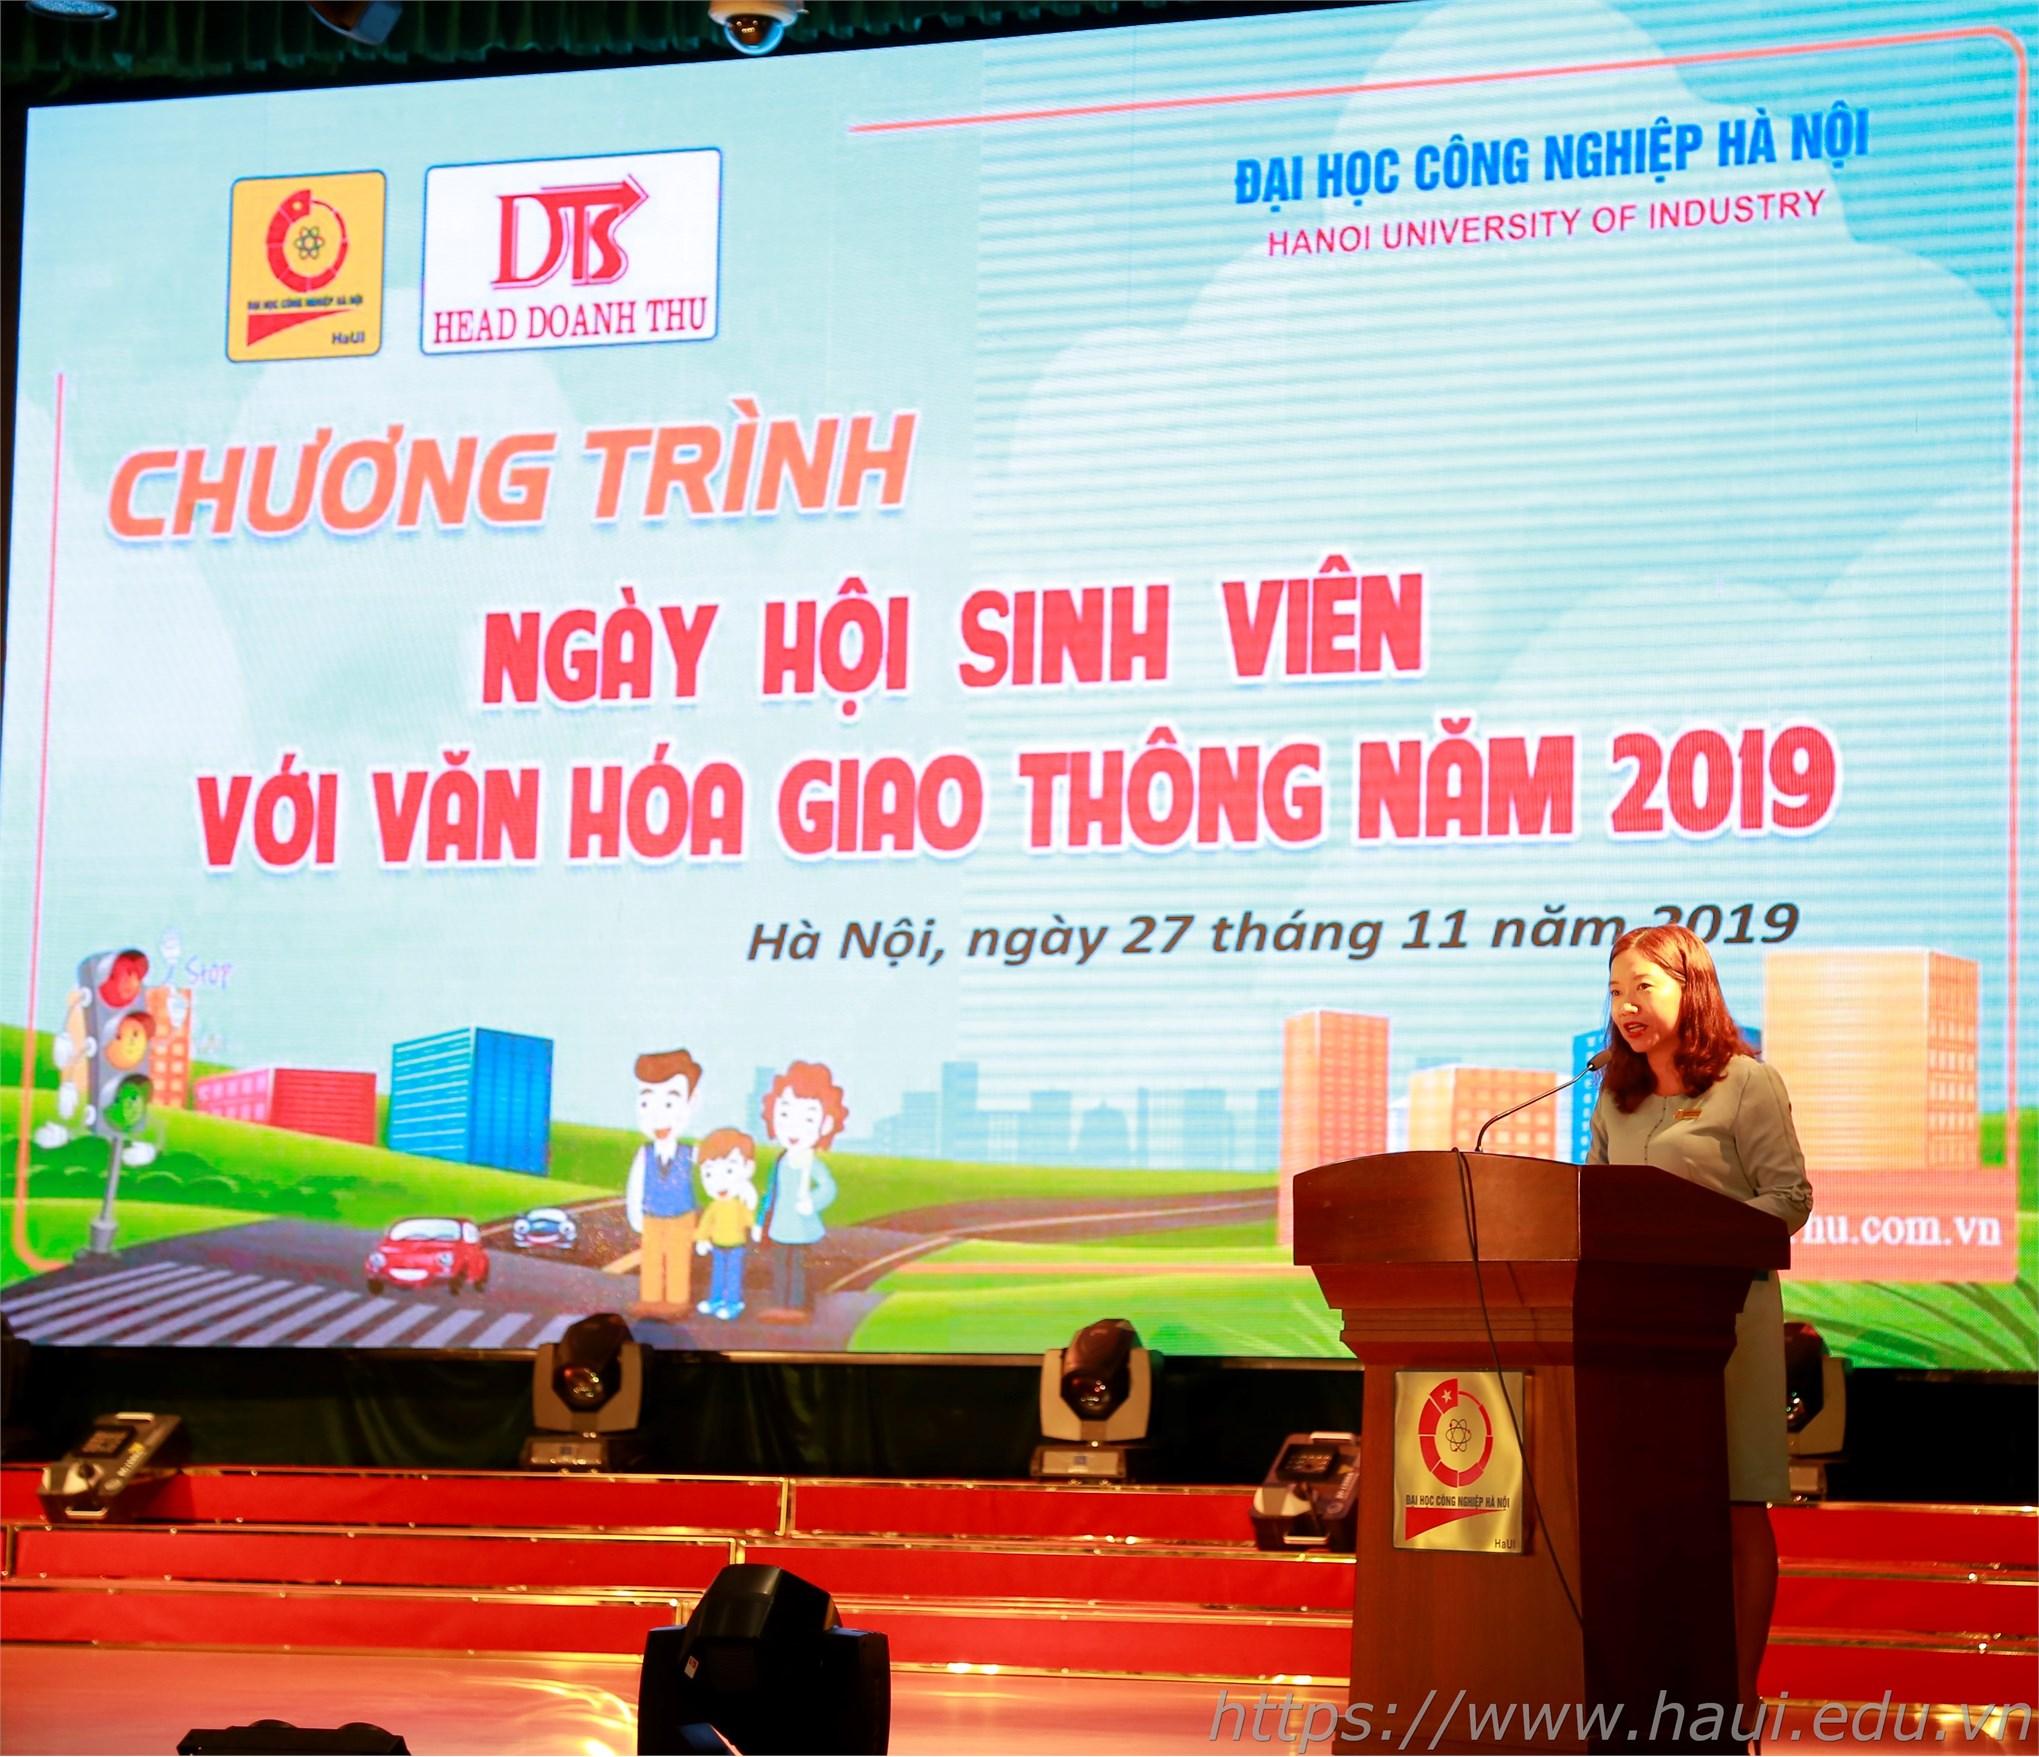 Đồng chí Trương Thị Thanh Hoài – Bí thư Đoàn thanh phát biểu tại ngày hội